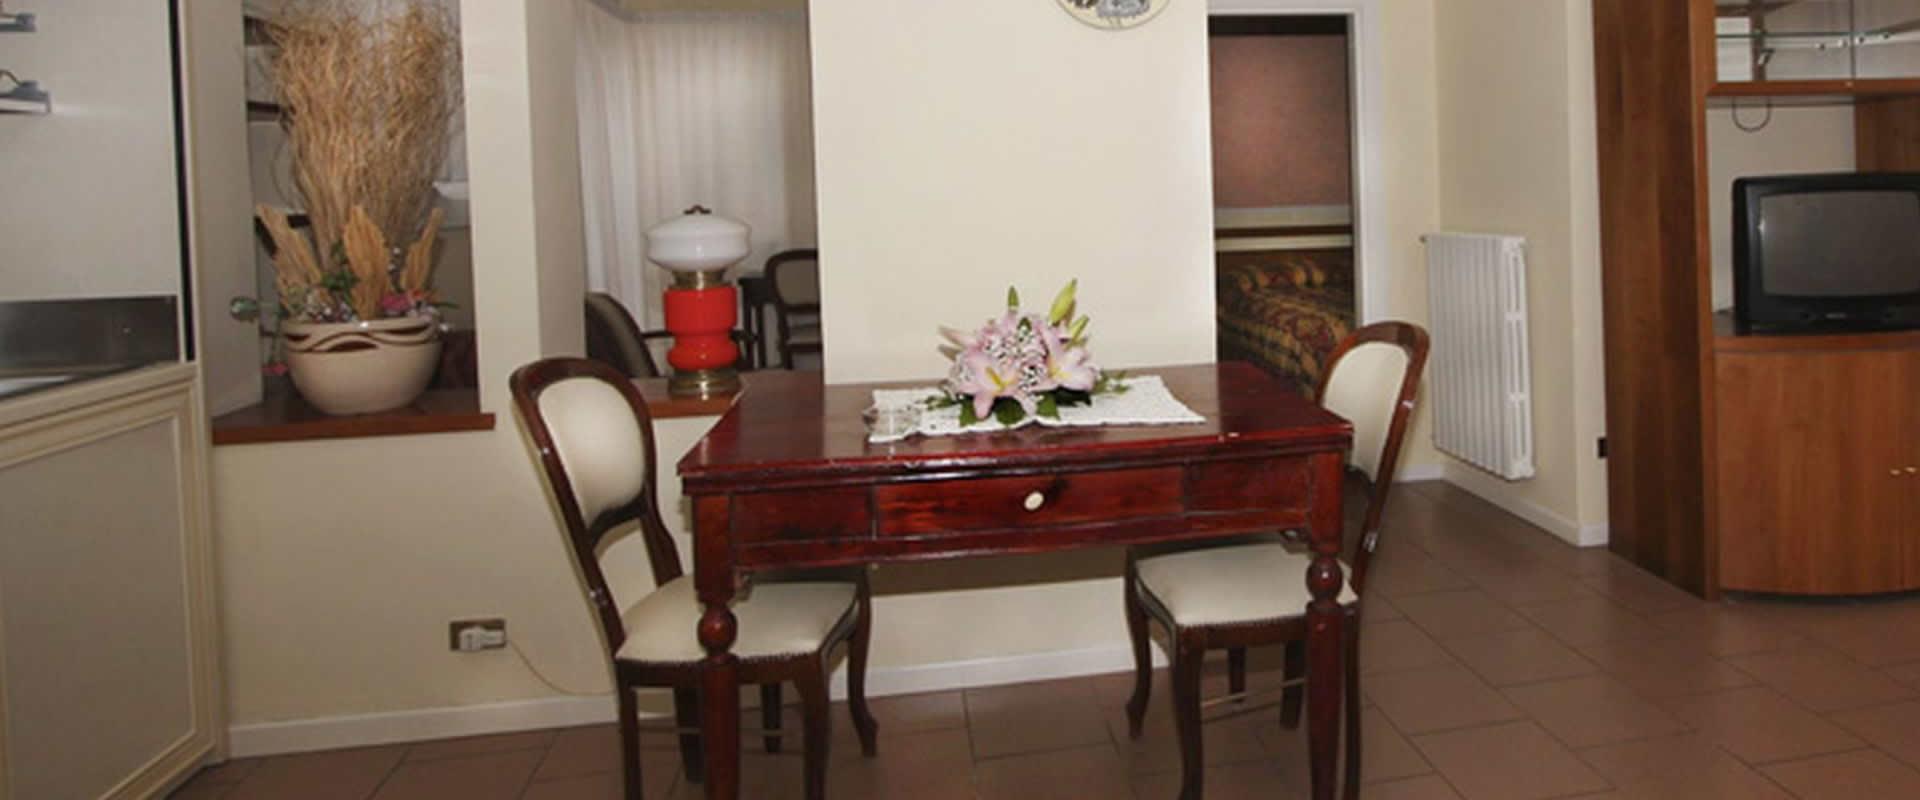 Appartamento in affitto Hotel Maria Grazia a Rimini